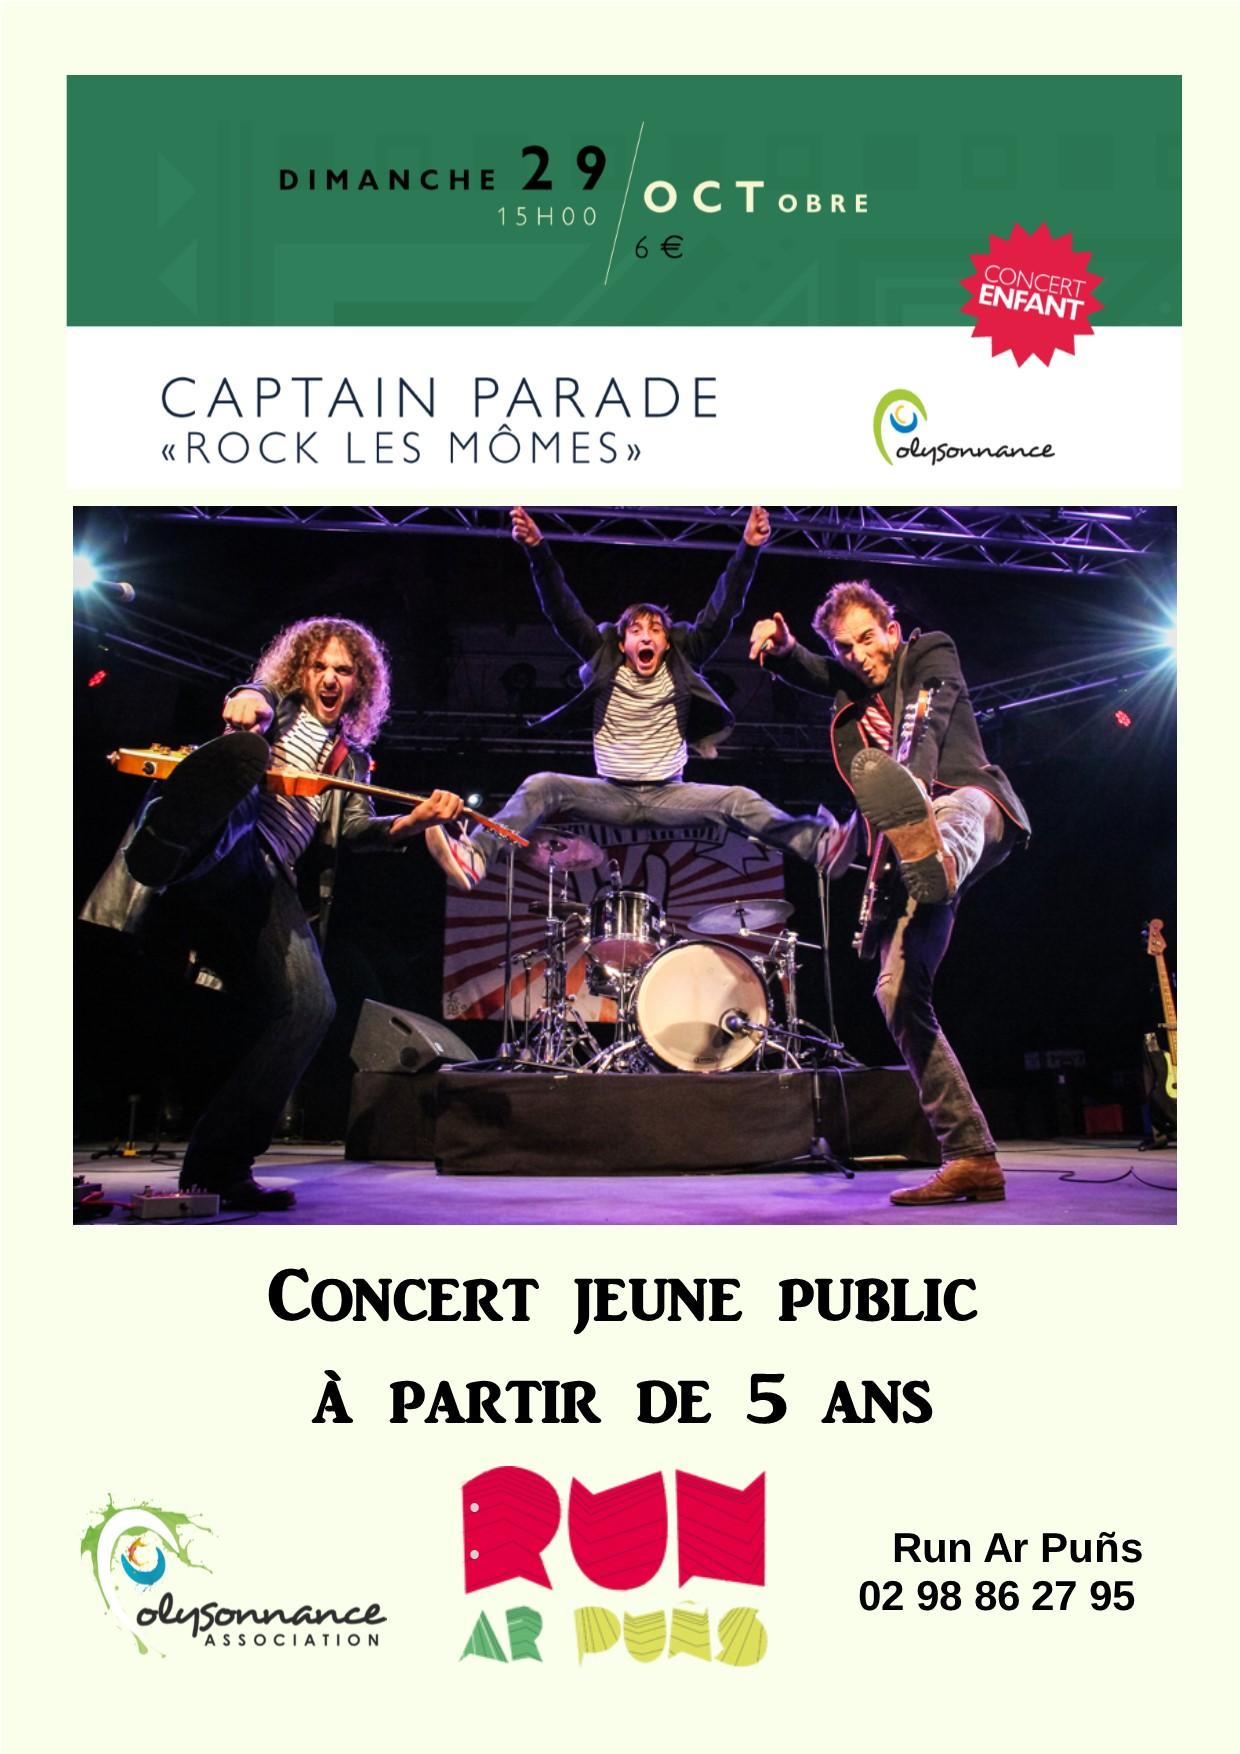 Concert Jeune Public : Dimanche 29 octobre à 15h au Run Ar Puns – A partir de 5 ans